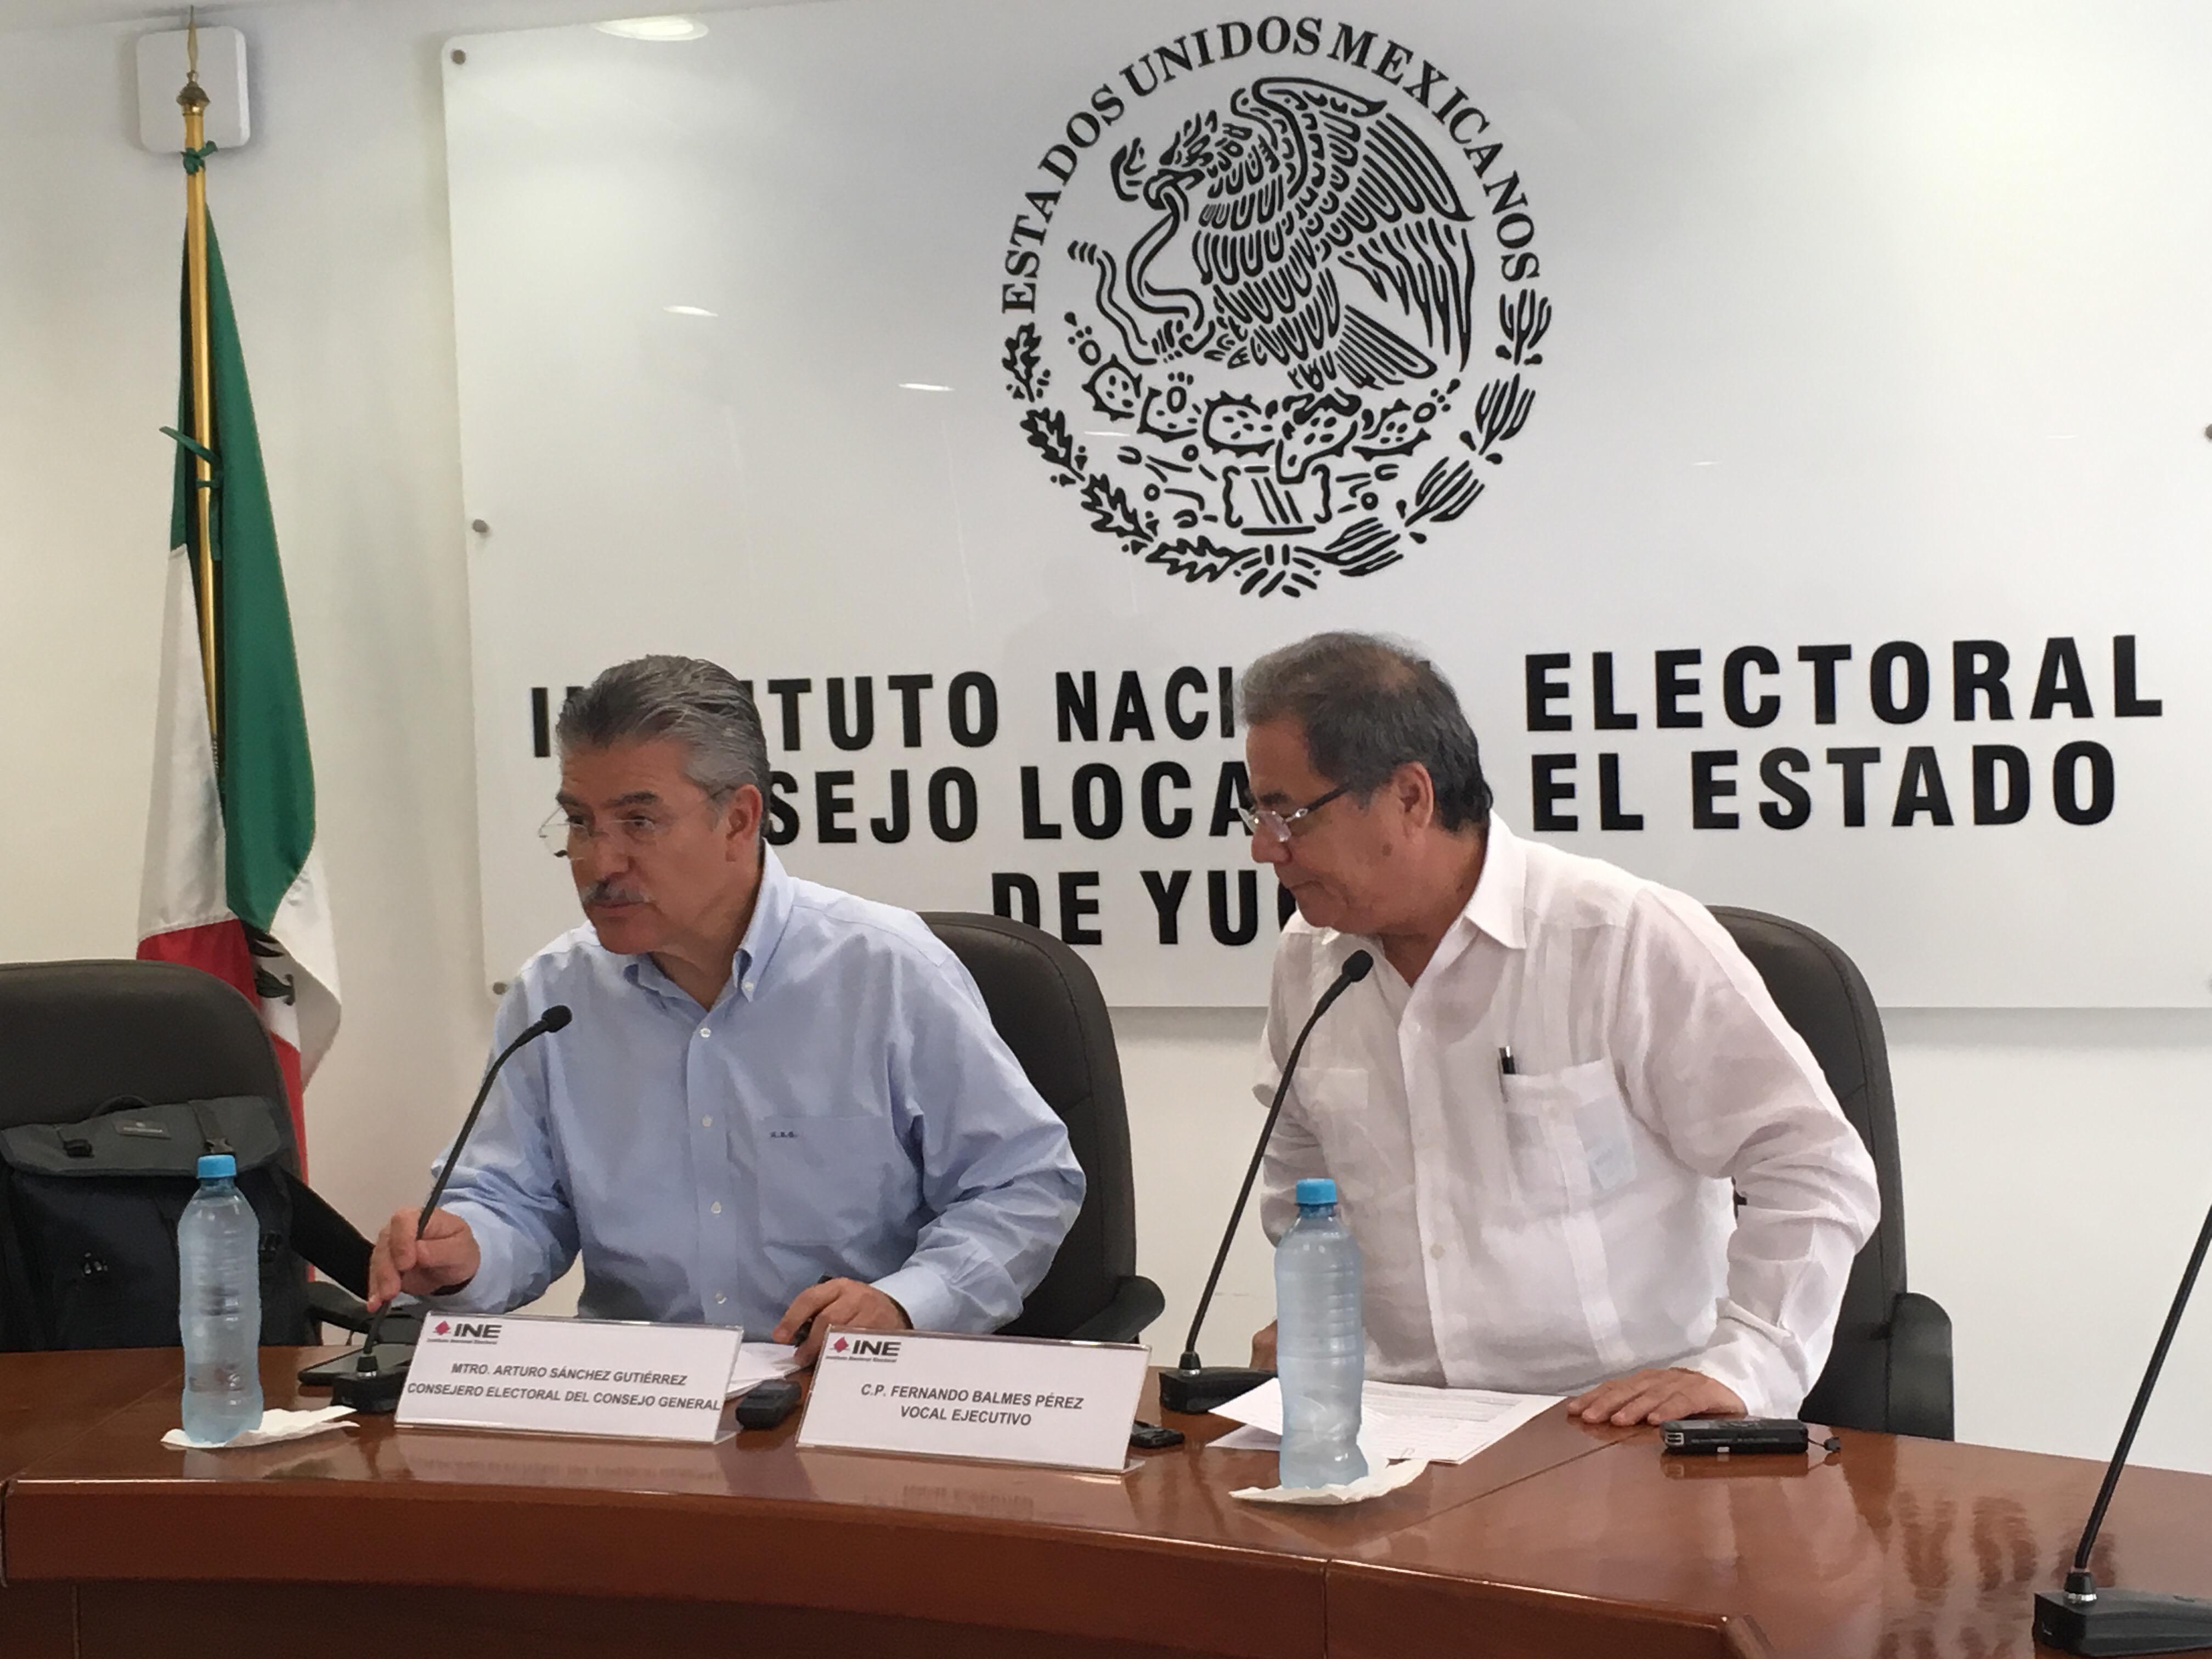 Proceso electoral mexicano en doble pista